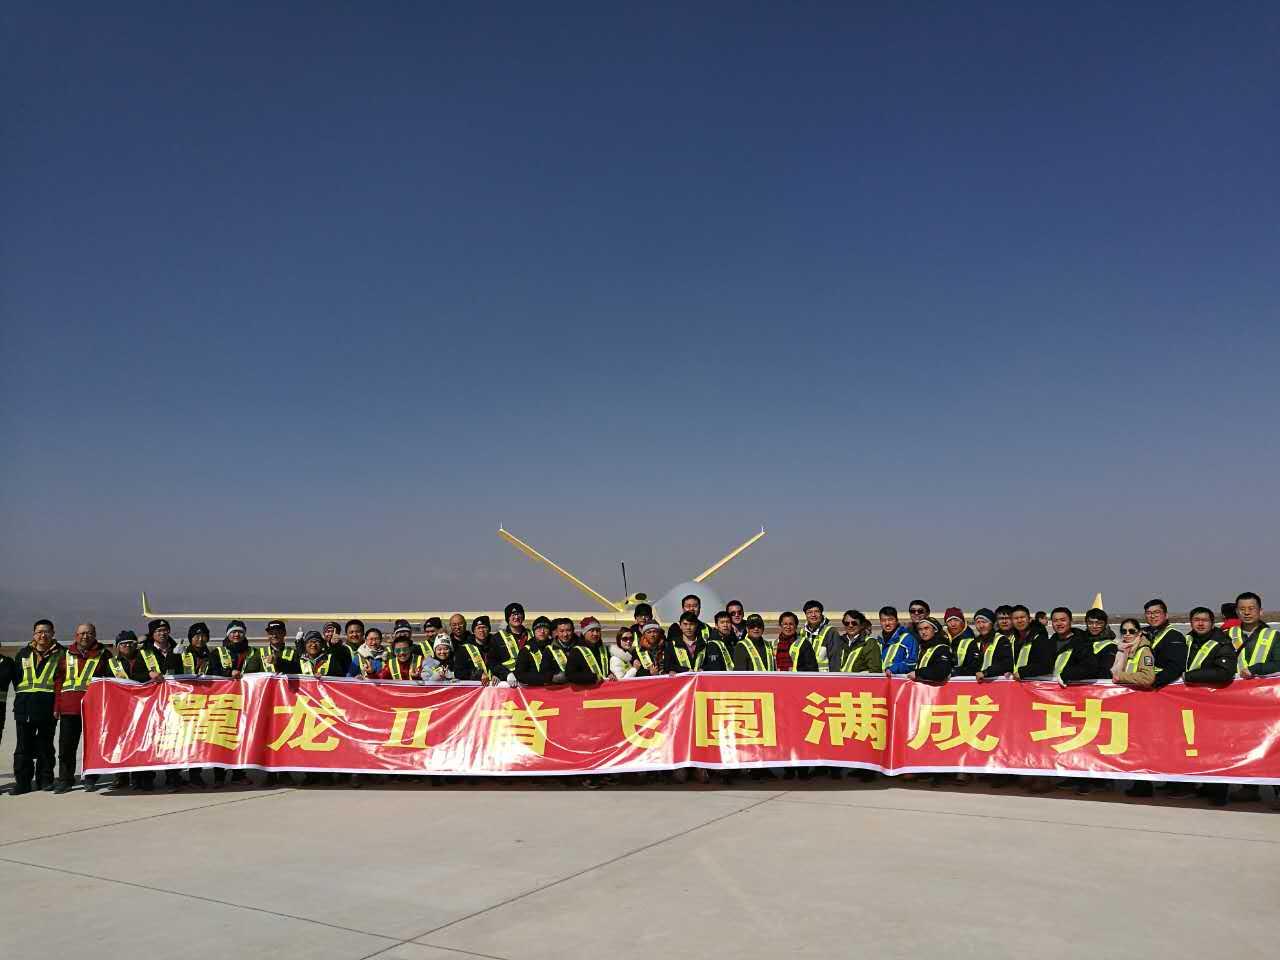 Kínai haderő I7J3hKgF-fg